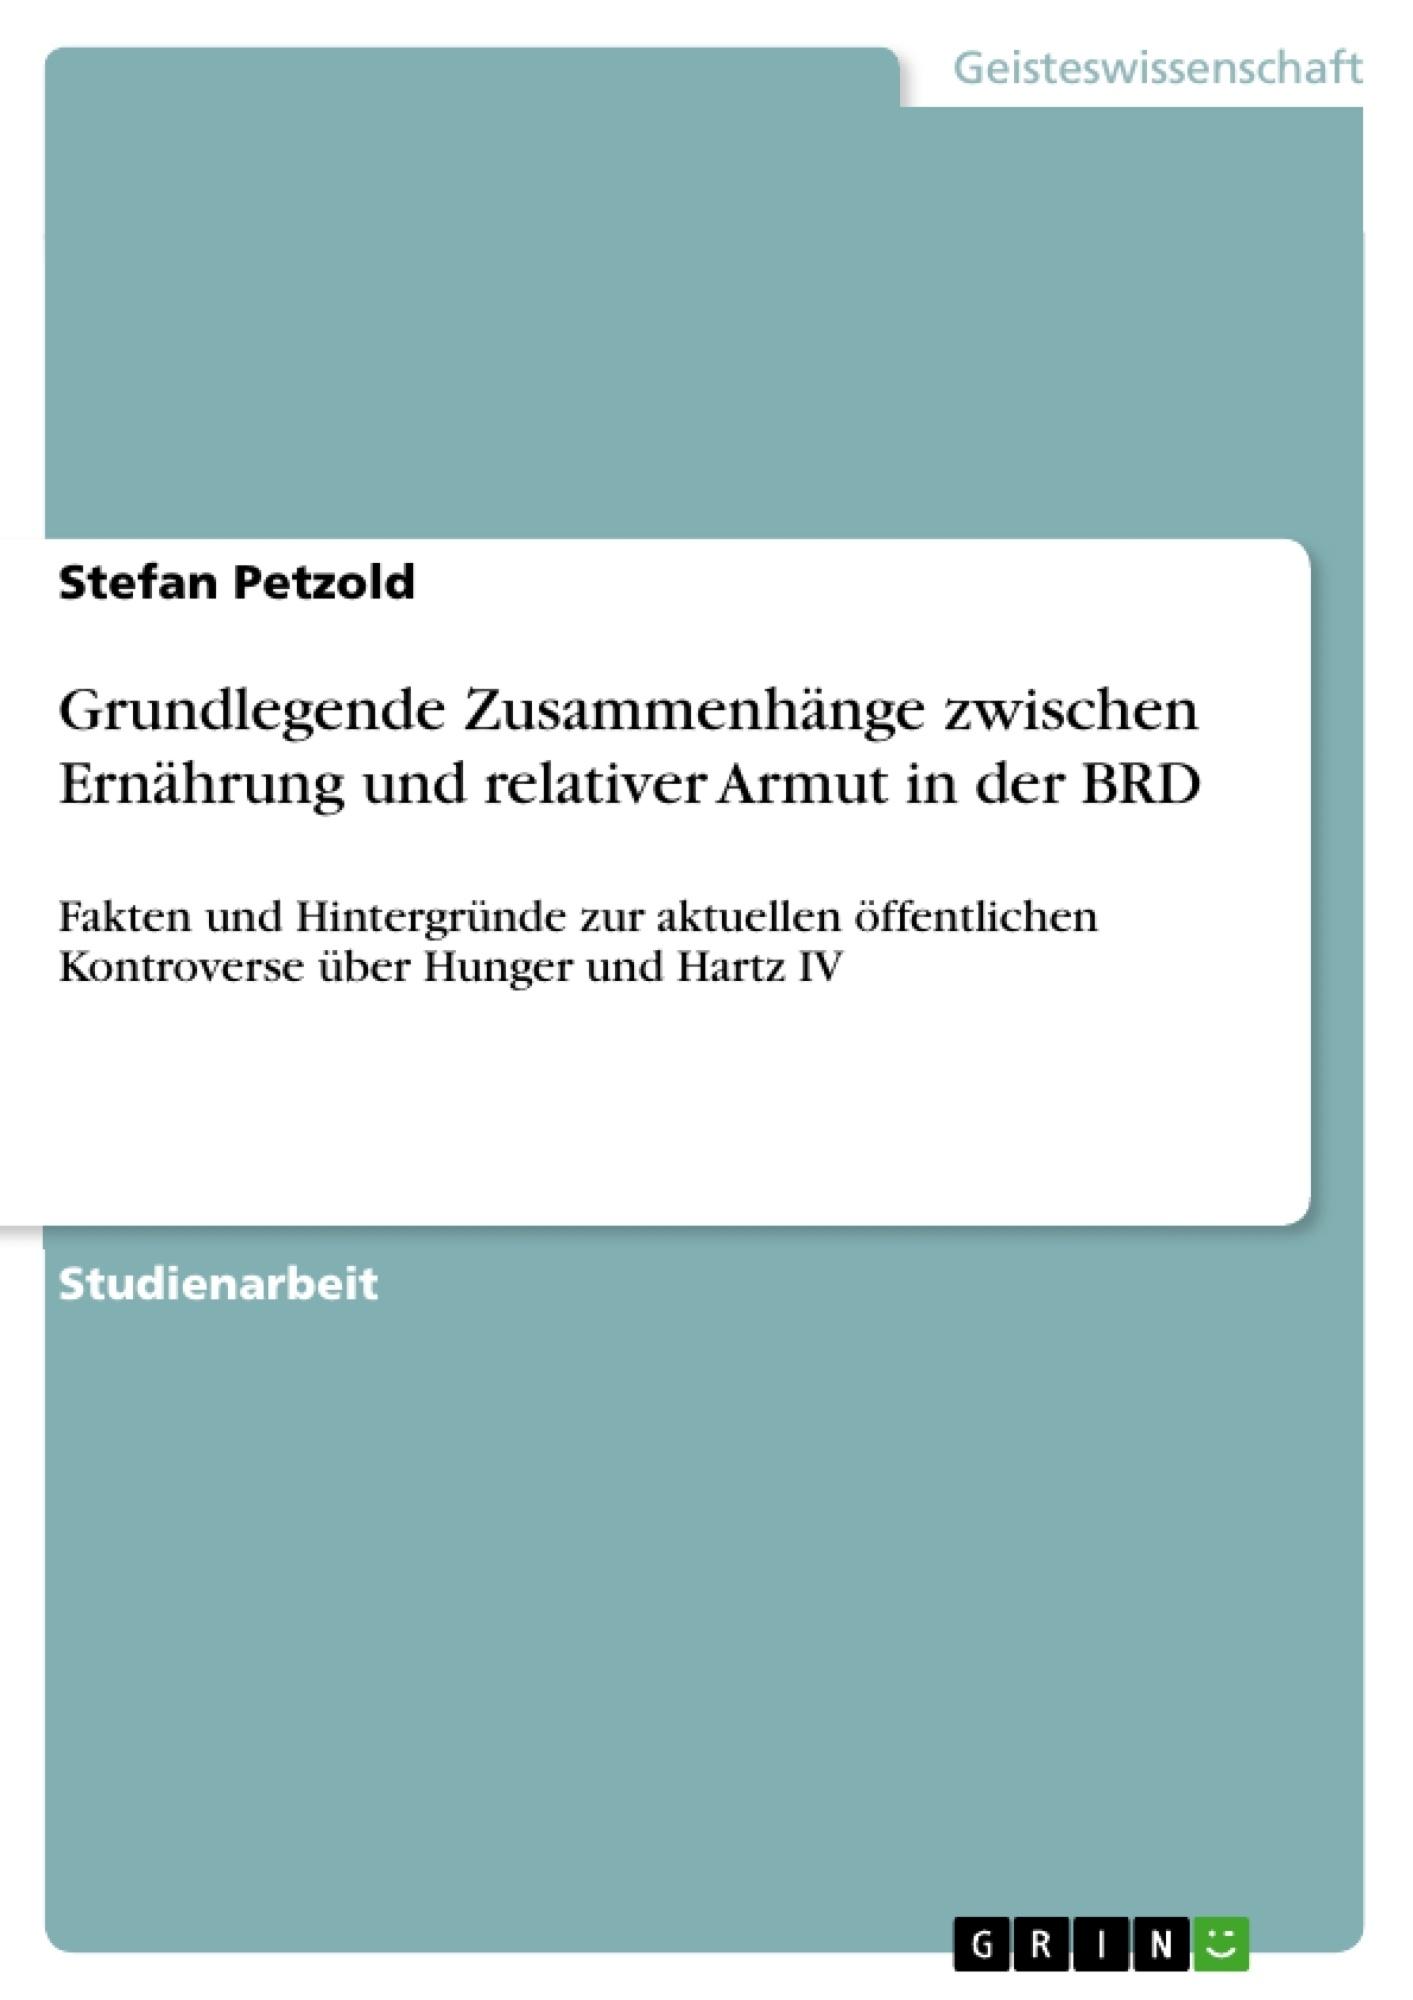 Titel: Grundlegende Zusammenhänge zwischen Ernährung und relativer Armut in der BRD